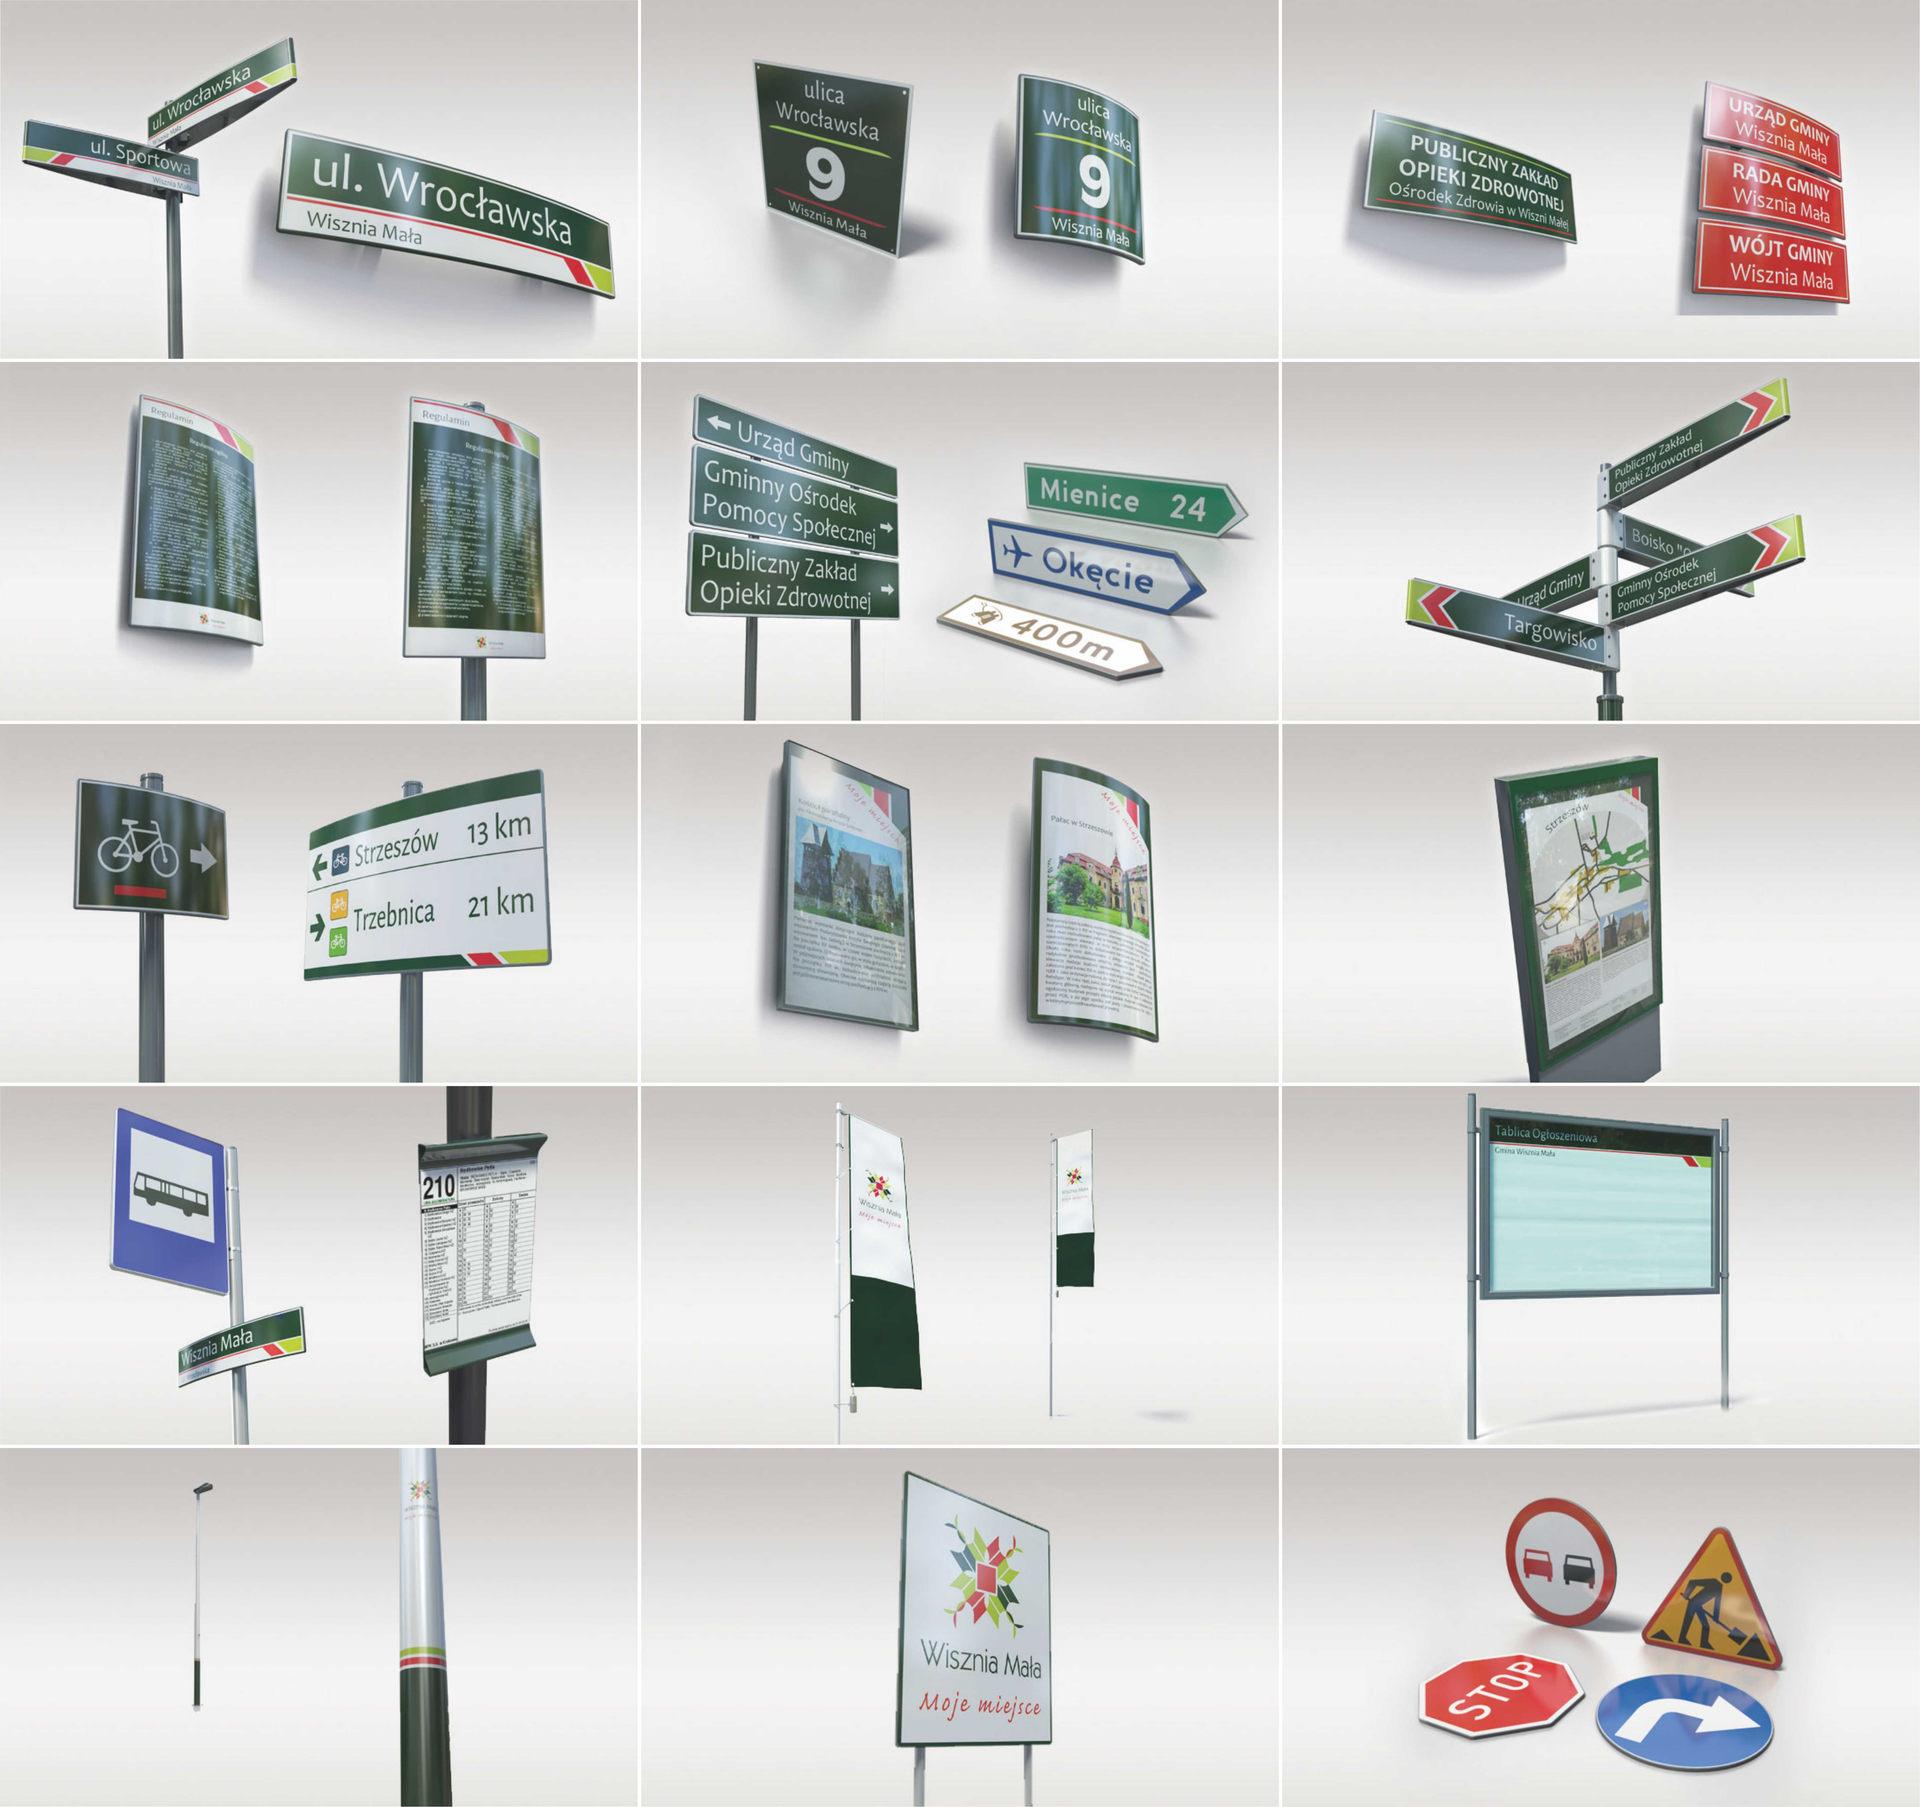 Elementy oznakowania przestrzeni publicznej